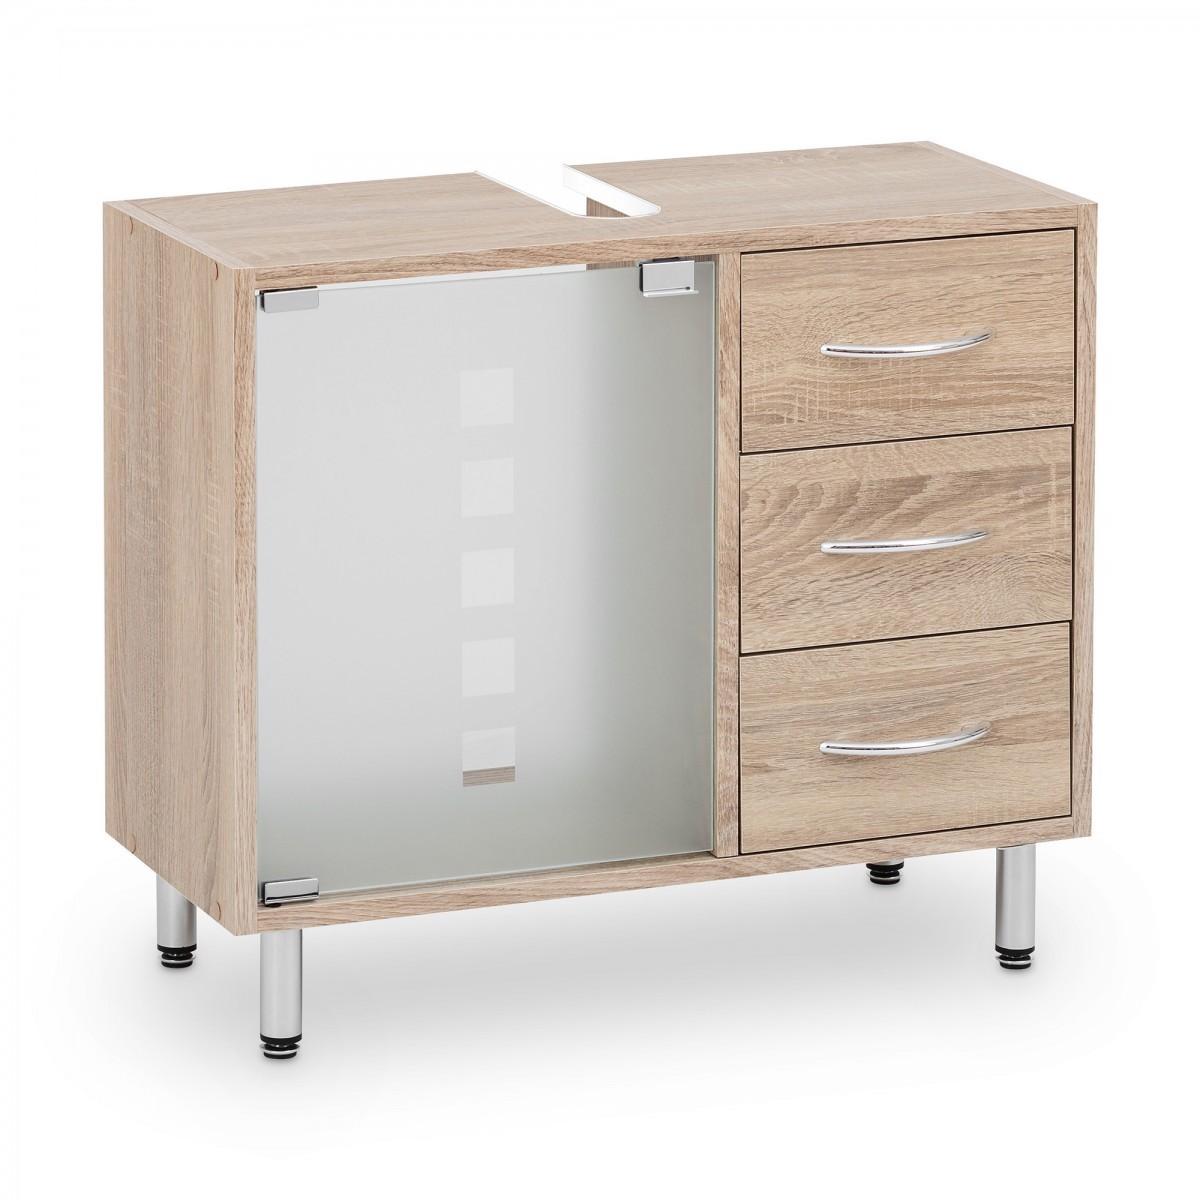 Galdem Spiegelschrank FROSTI mit Waschbeckenunterschrank Madison Sonoma OAK – Bild 5